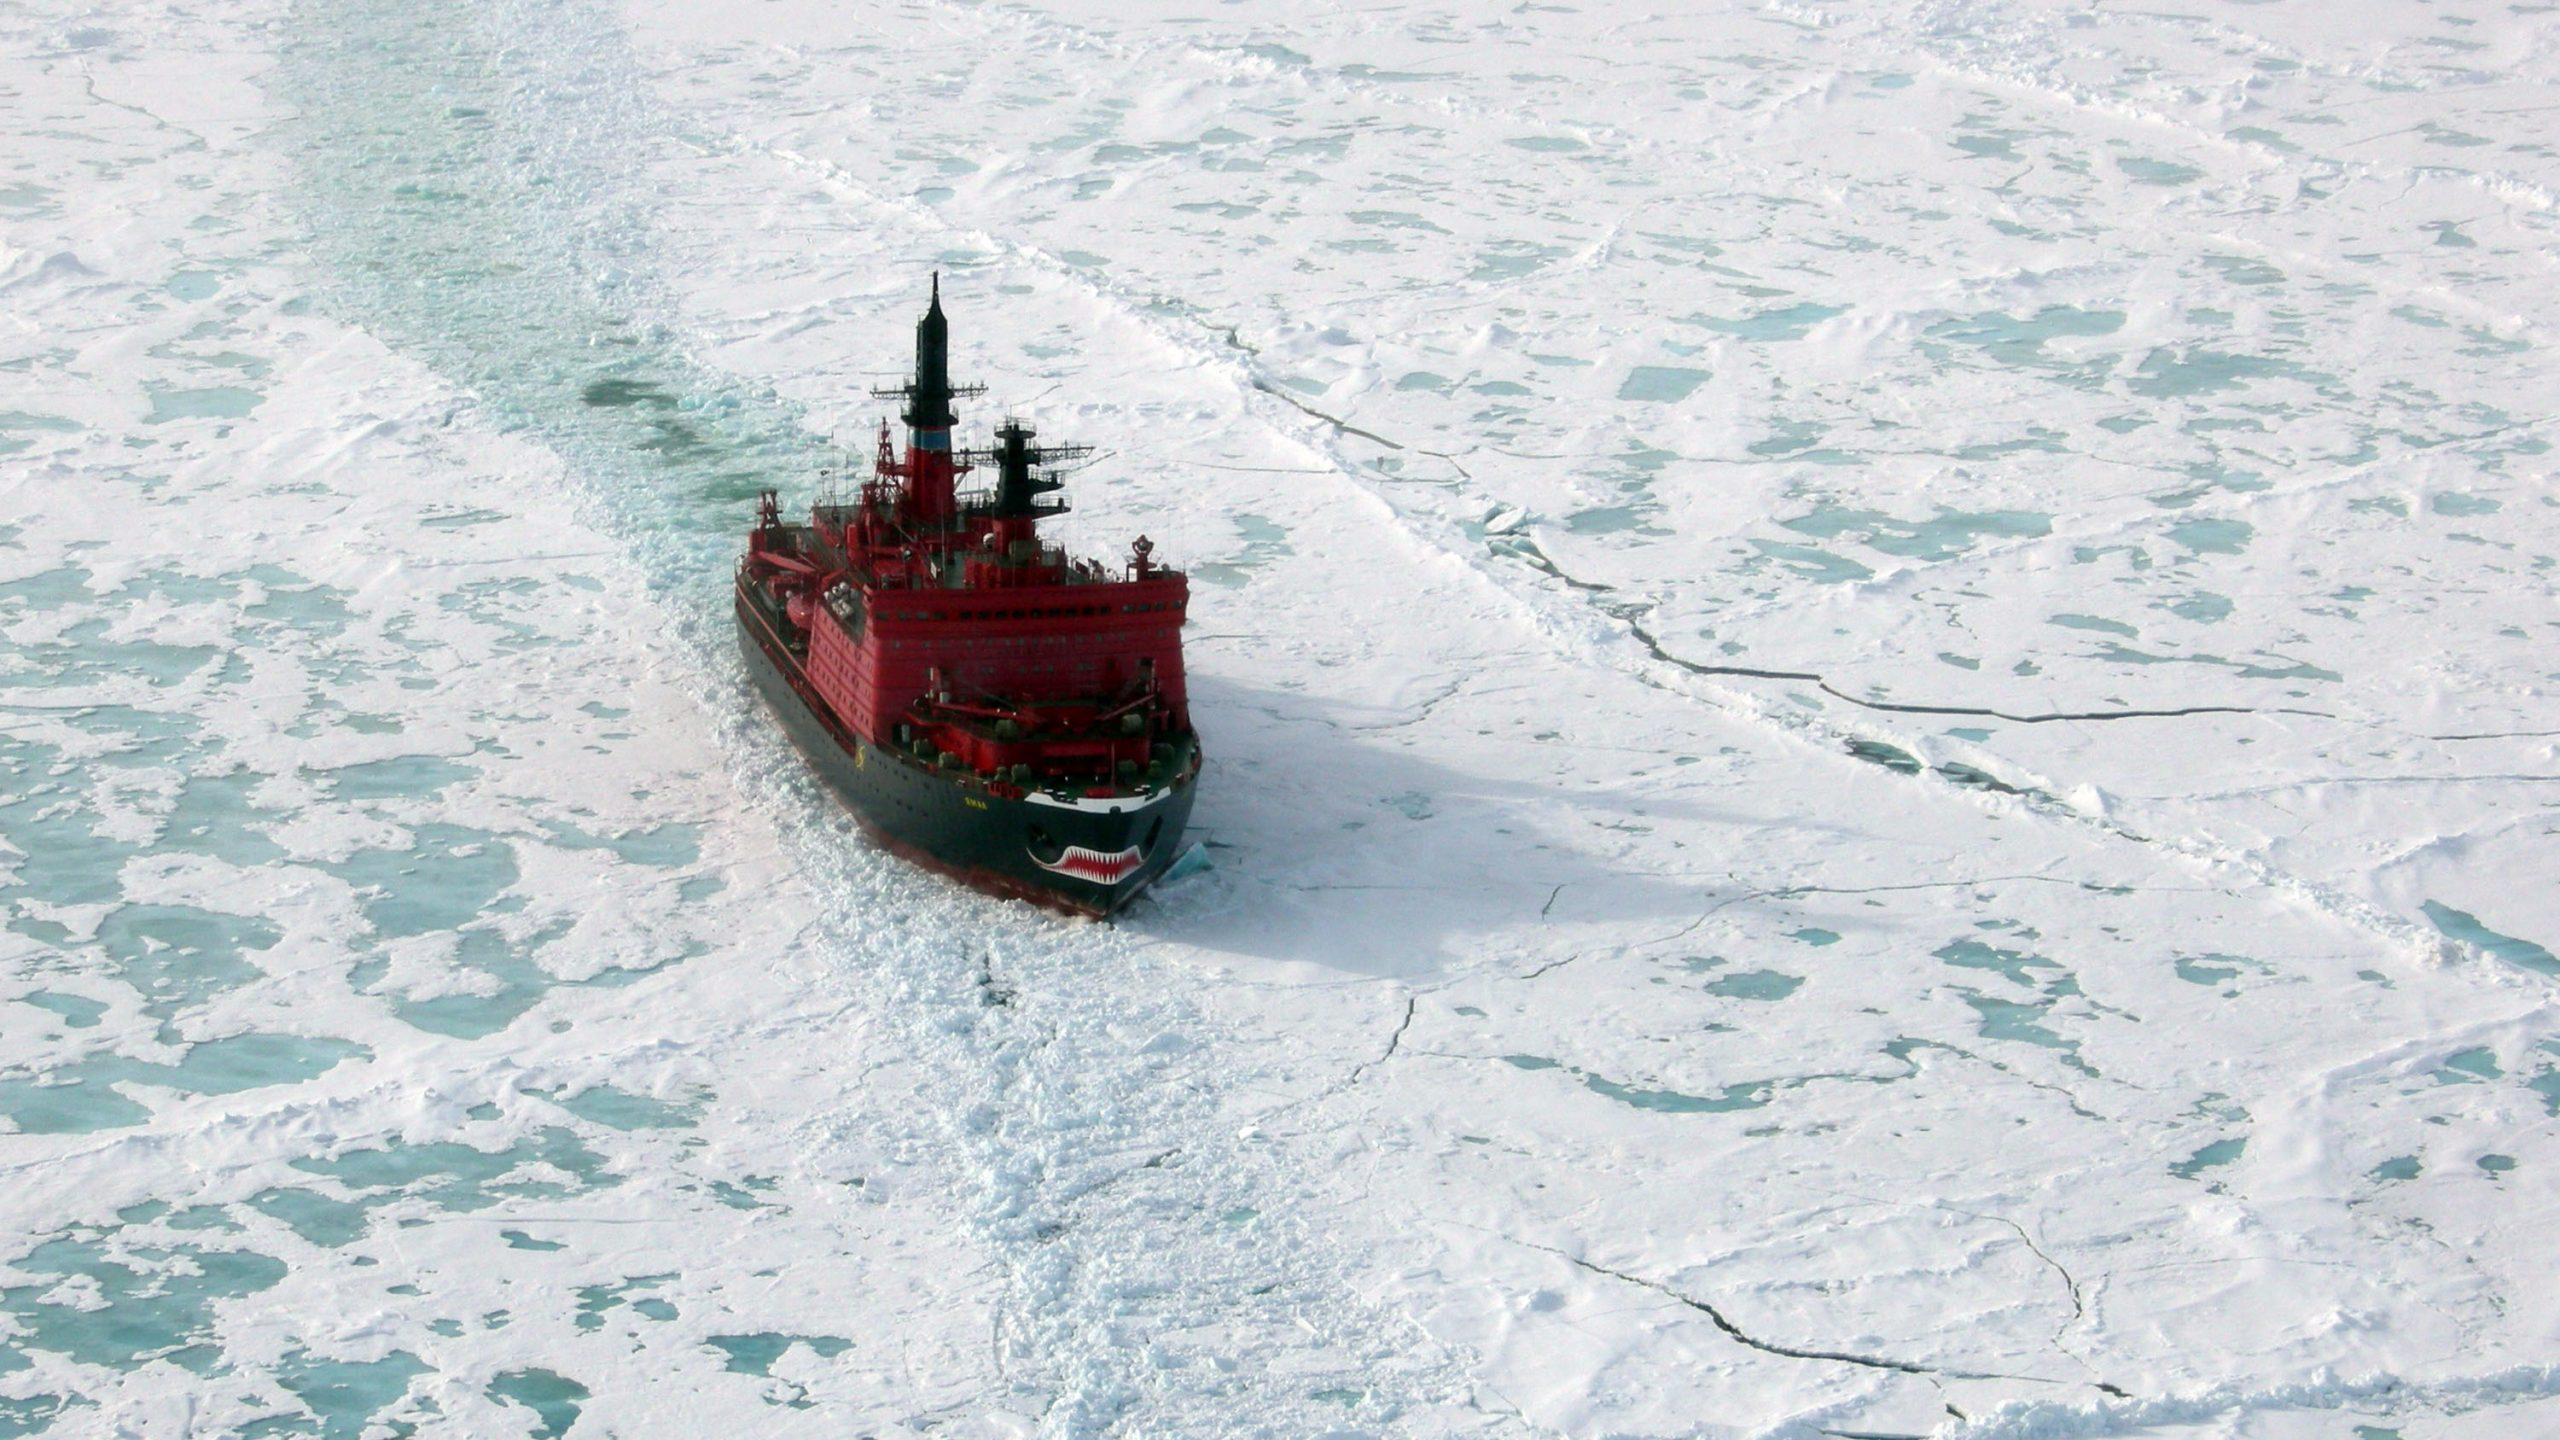 كاسحة جليد في القطب الشمالي